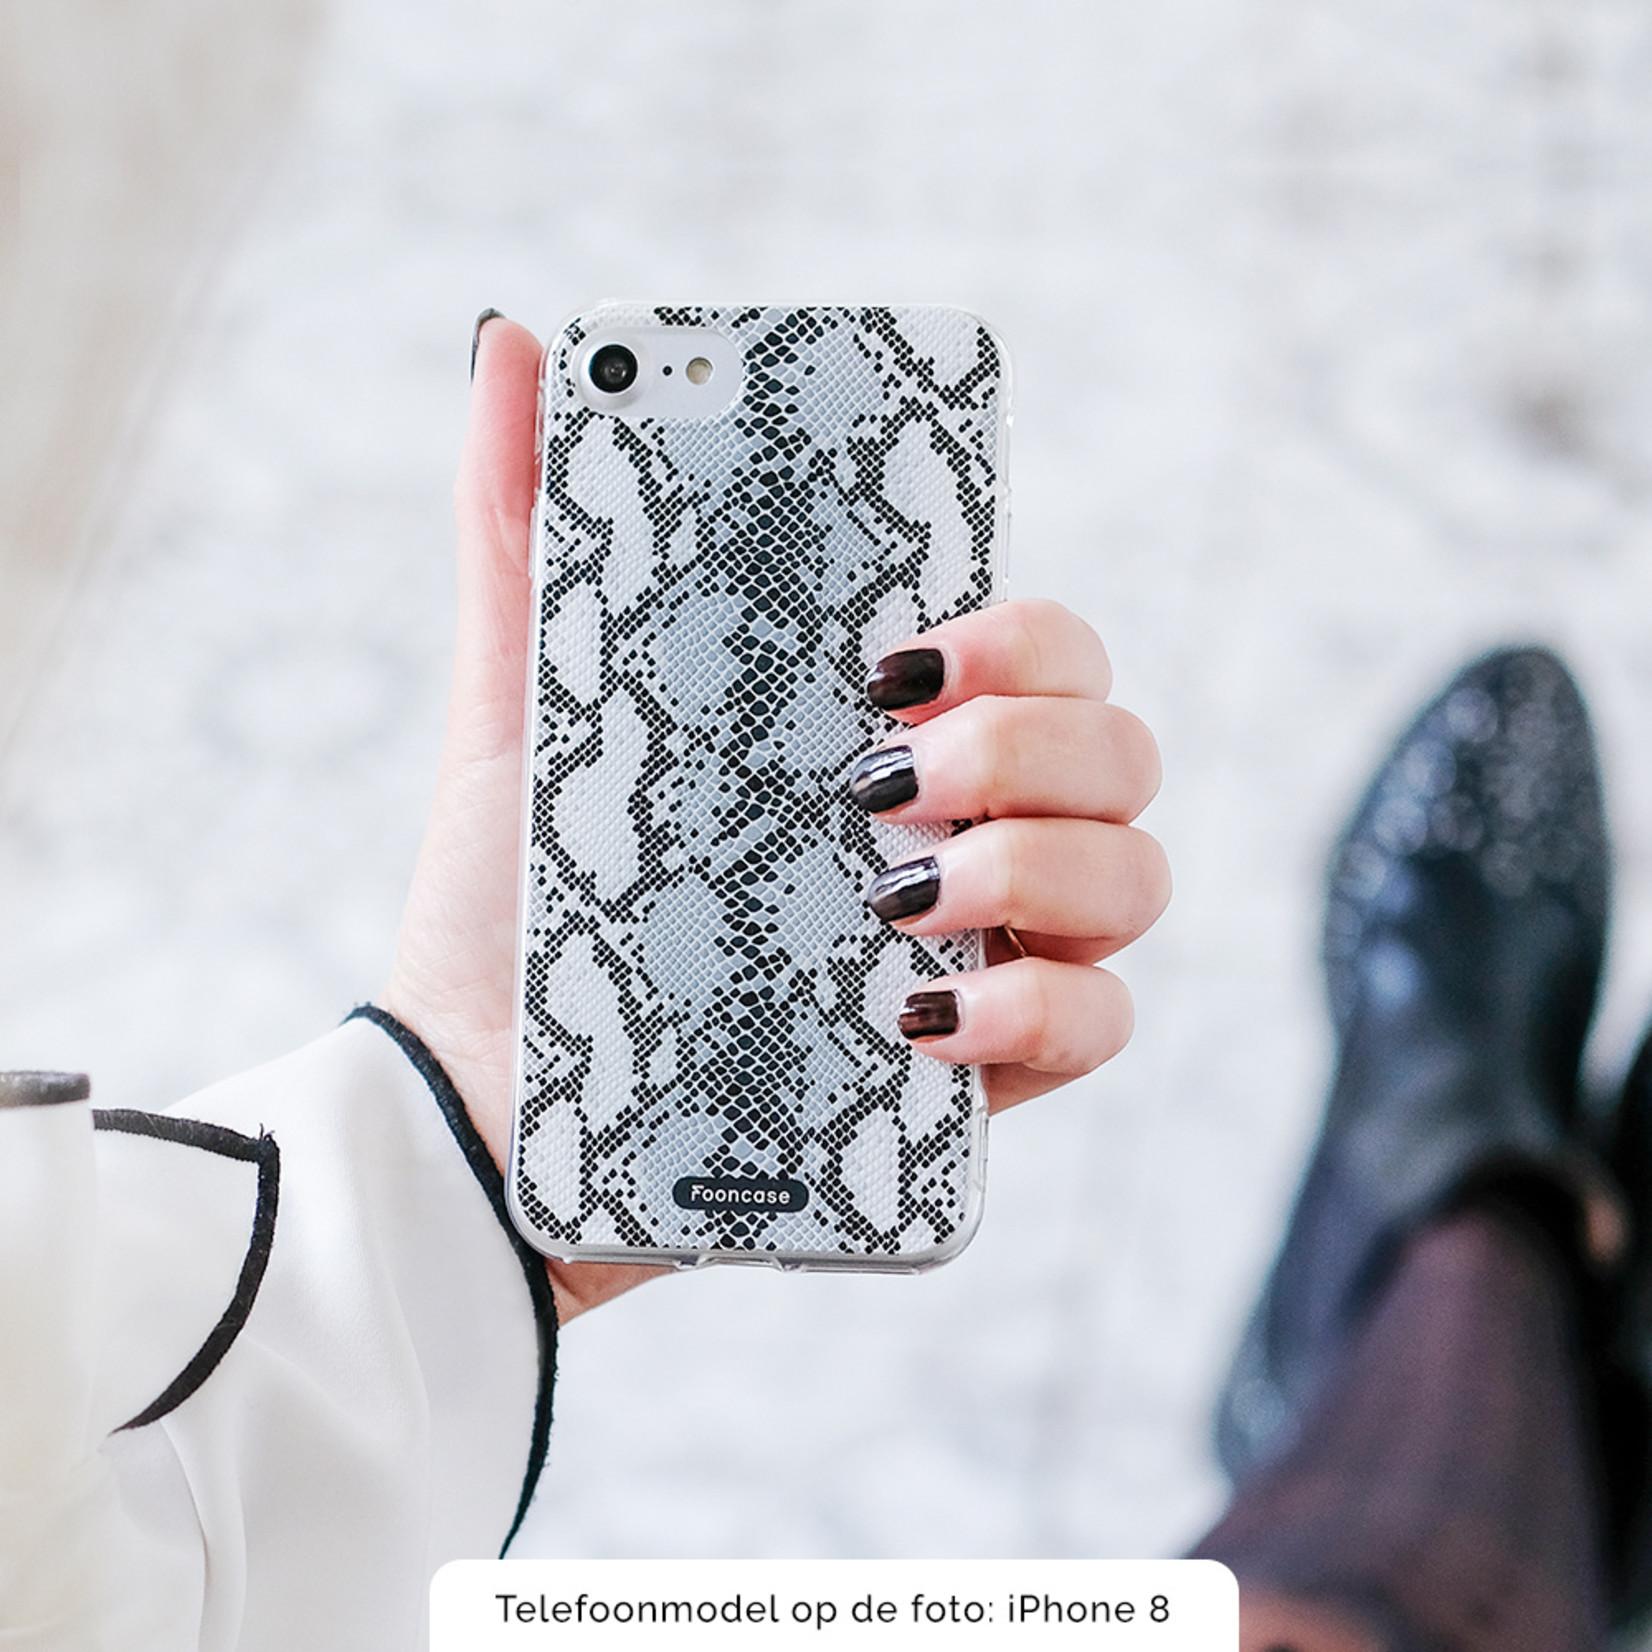 FOONCASE Huawei P8 Lite 2017 hoesje TPU Soft Case - Back Cover - Snake it / Slangen print